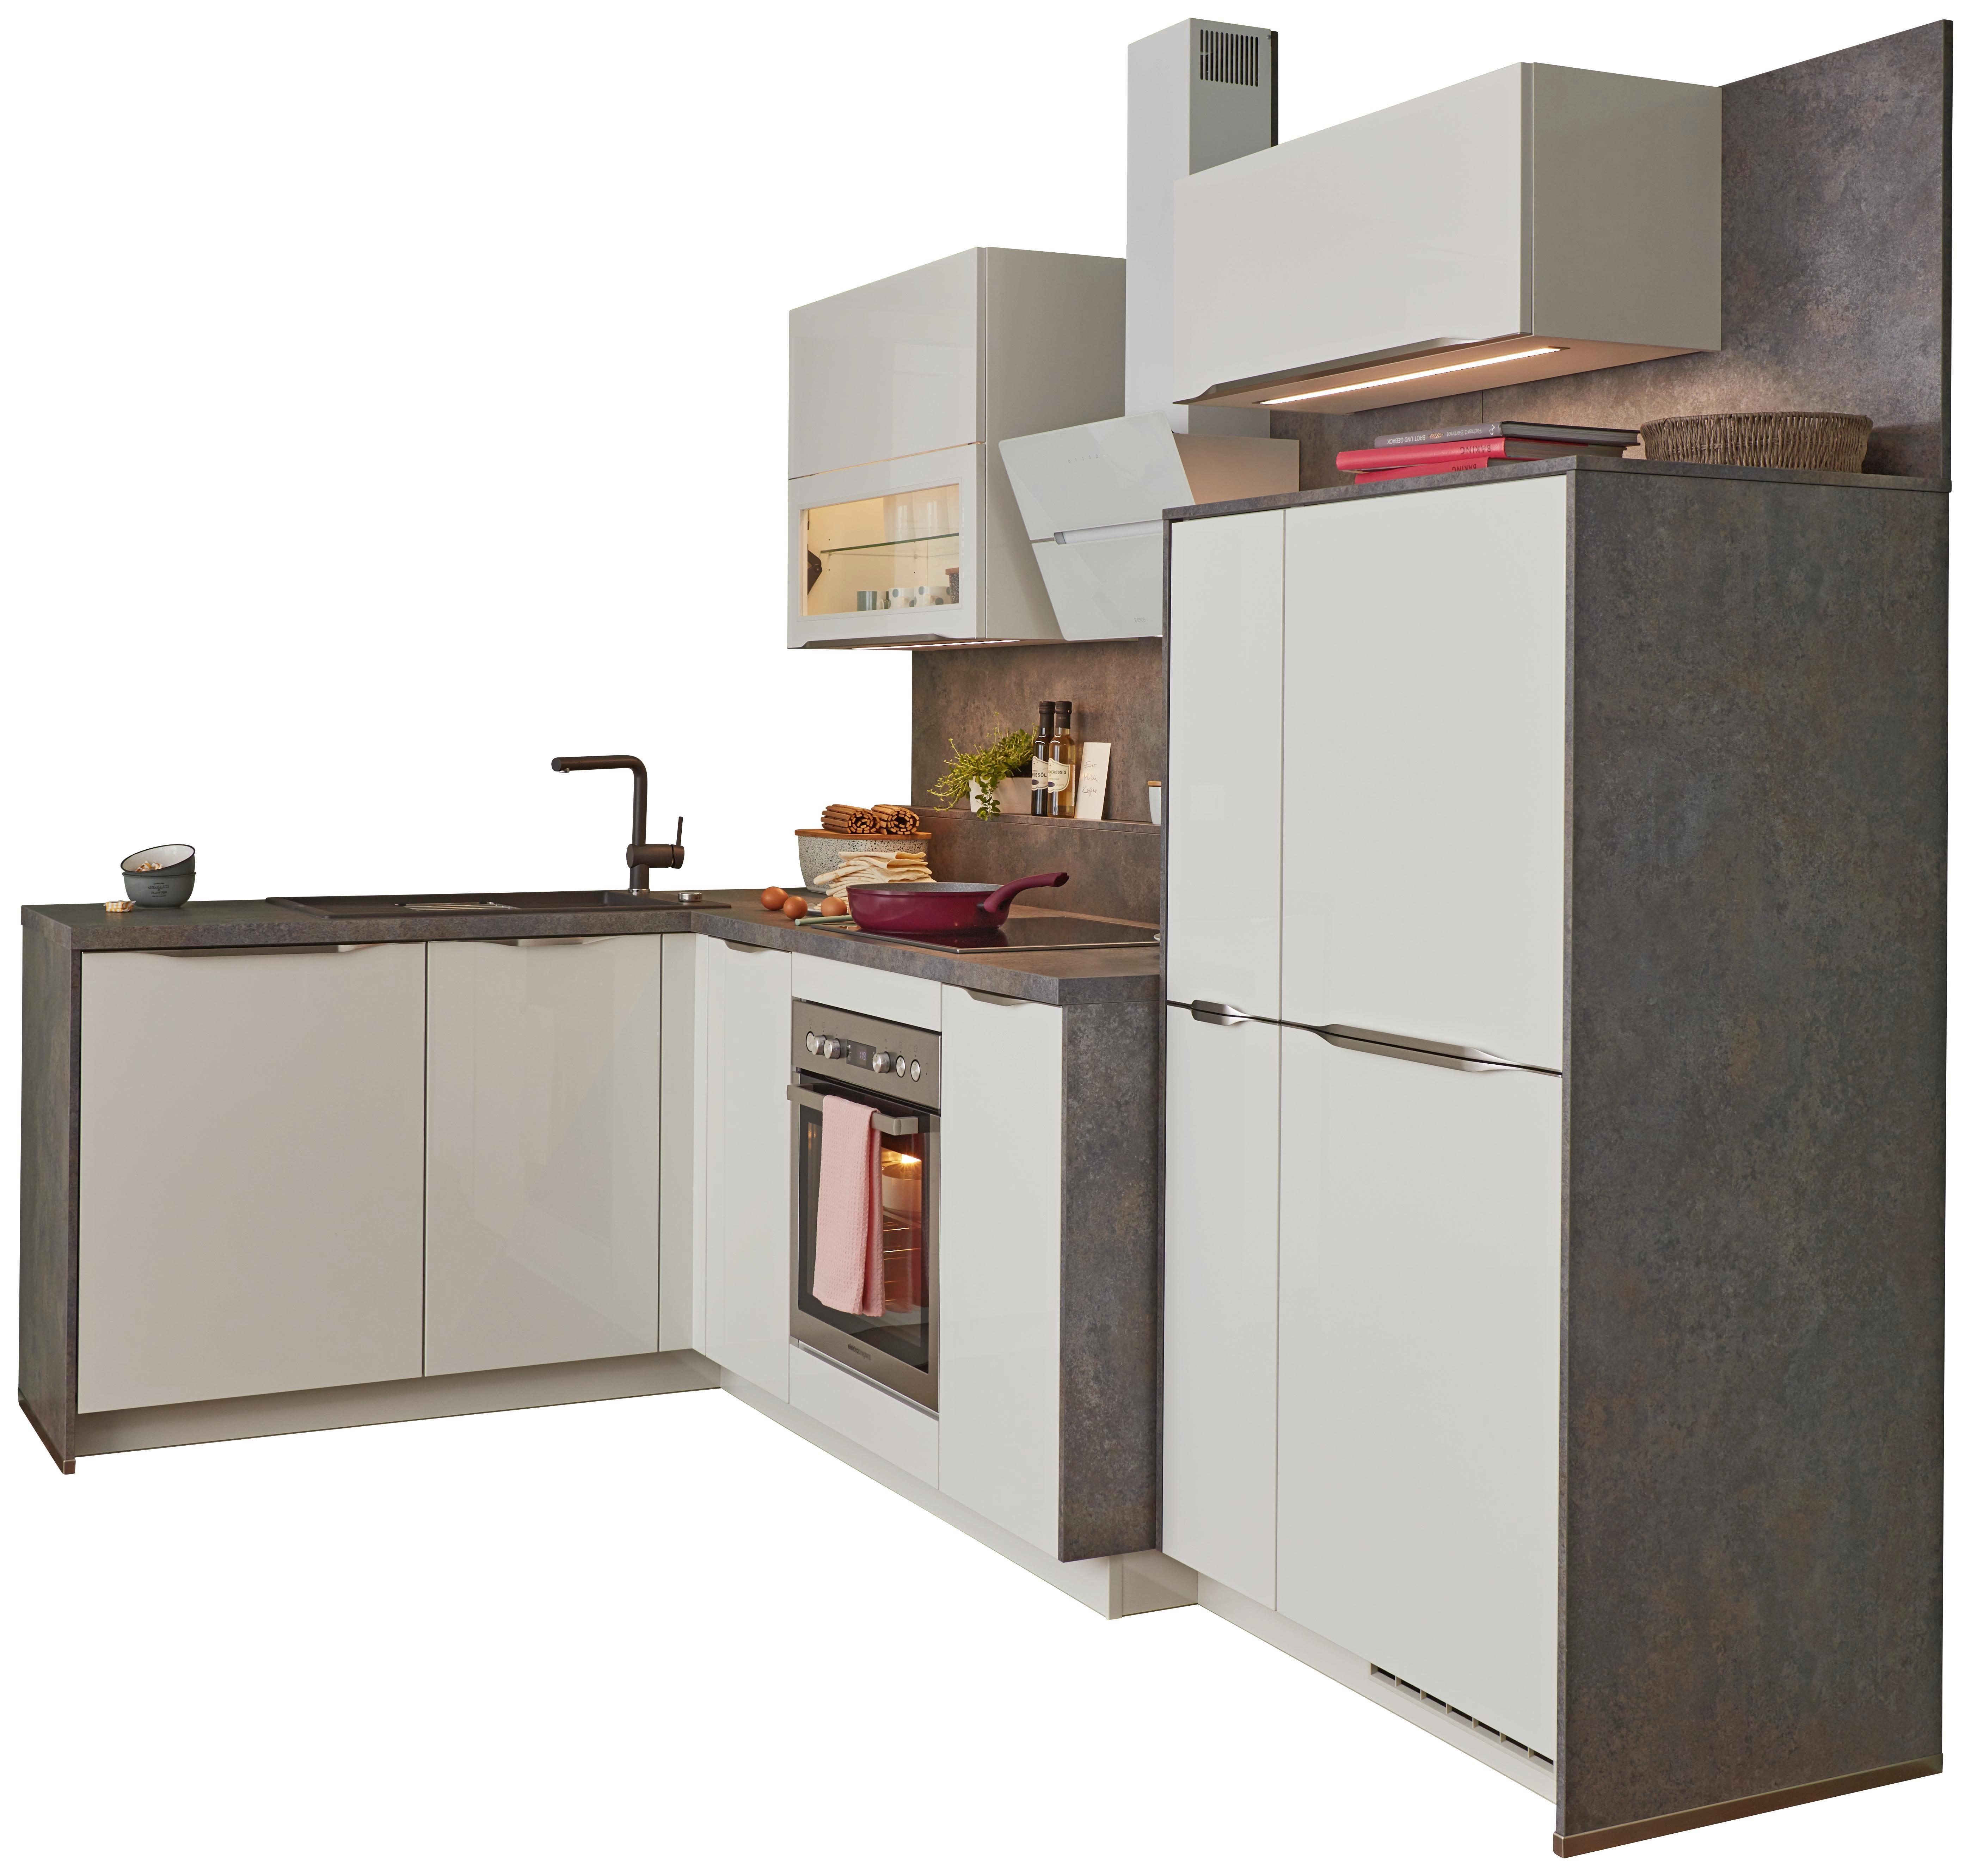 Erfreut Küche Und Bad Unbegrenzt Cheektowaga Ny Zeitgenössisch ...